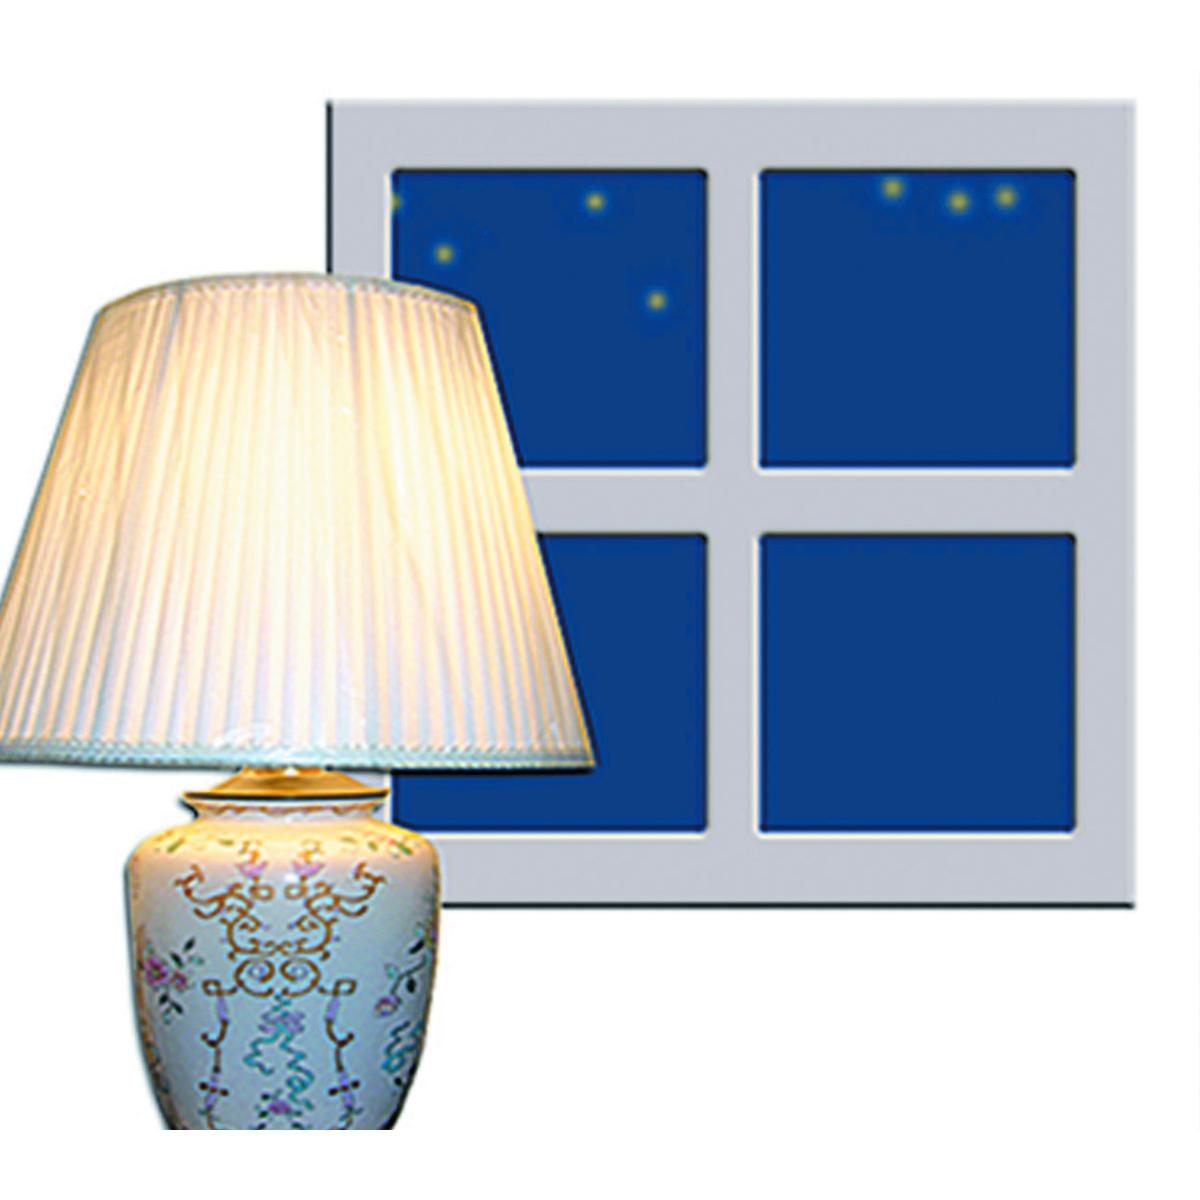 dusk to dawn light sensors pack of 2. Black Bedroom Furniture Sets. Home Design Ideas